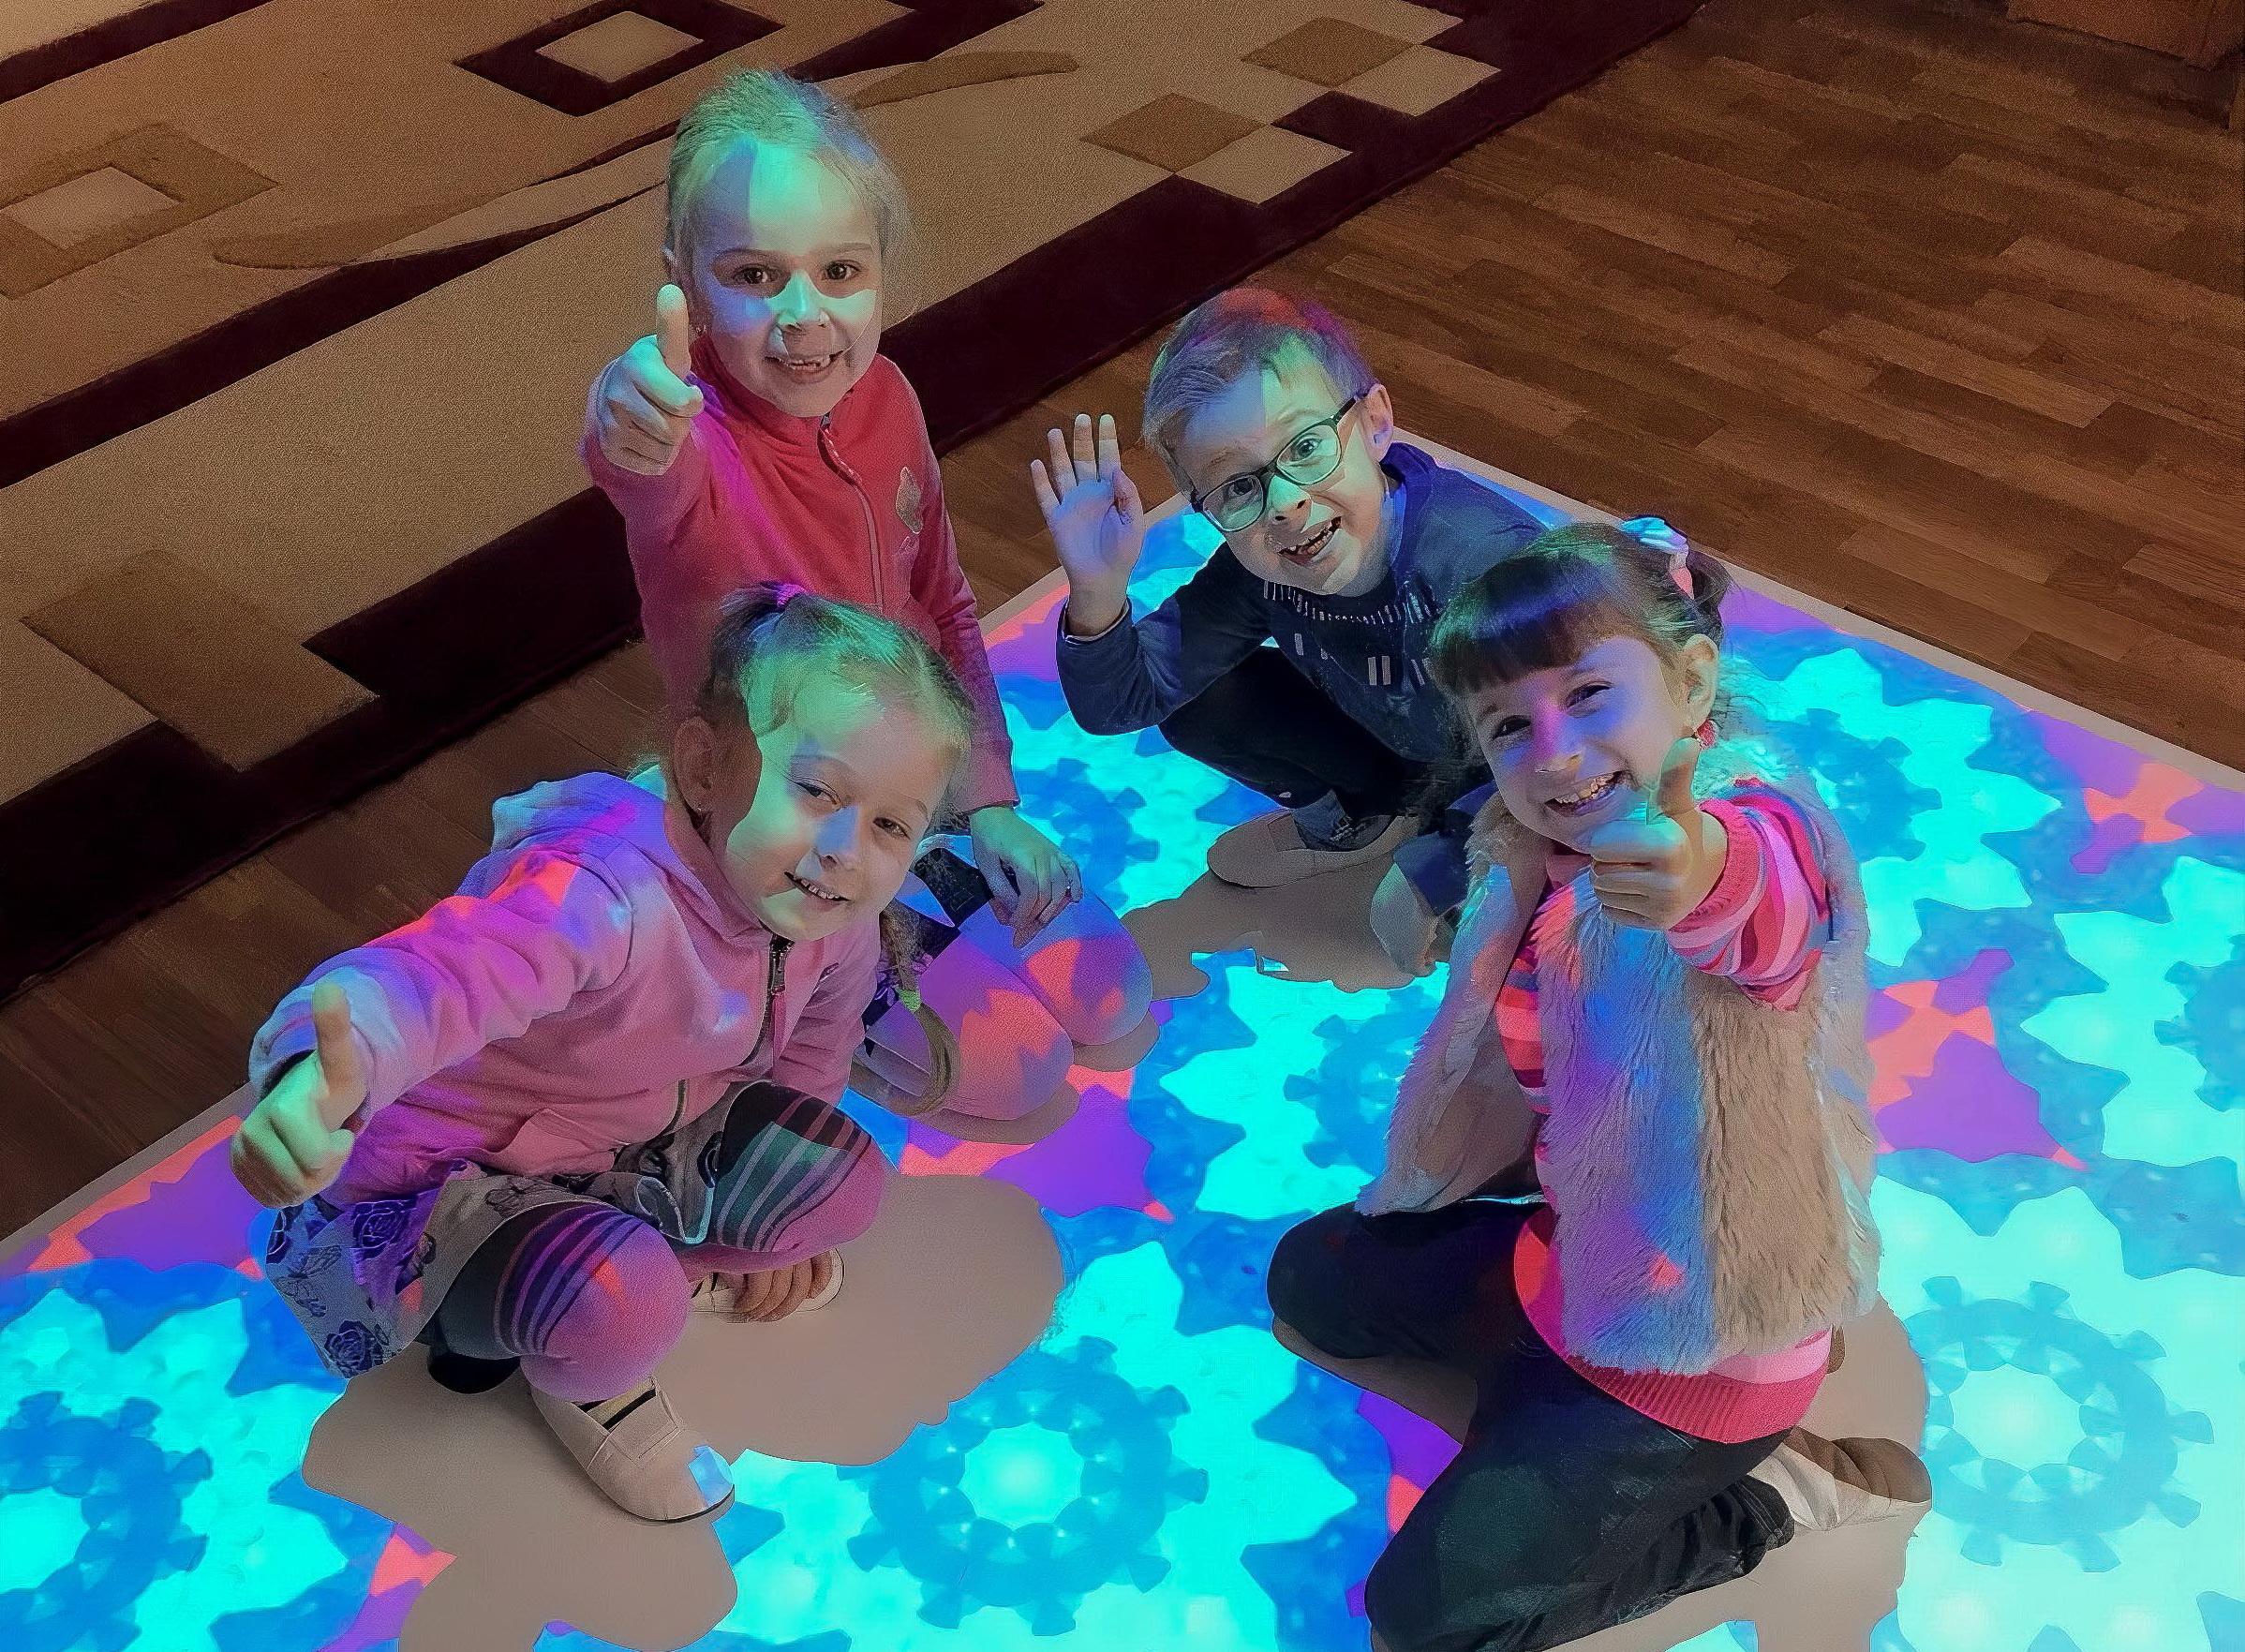 інтерактивна підлога для дитячих садів